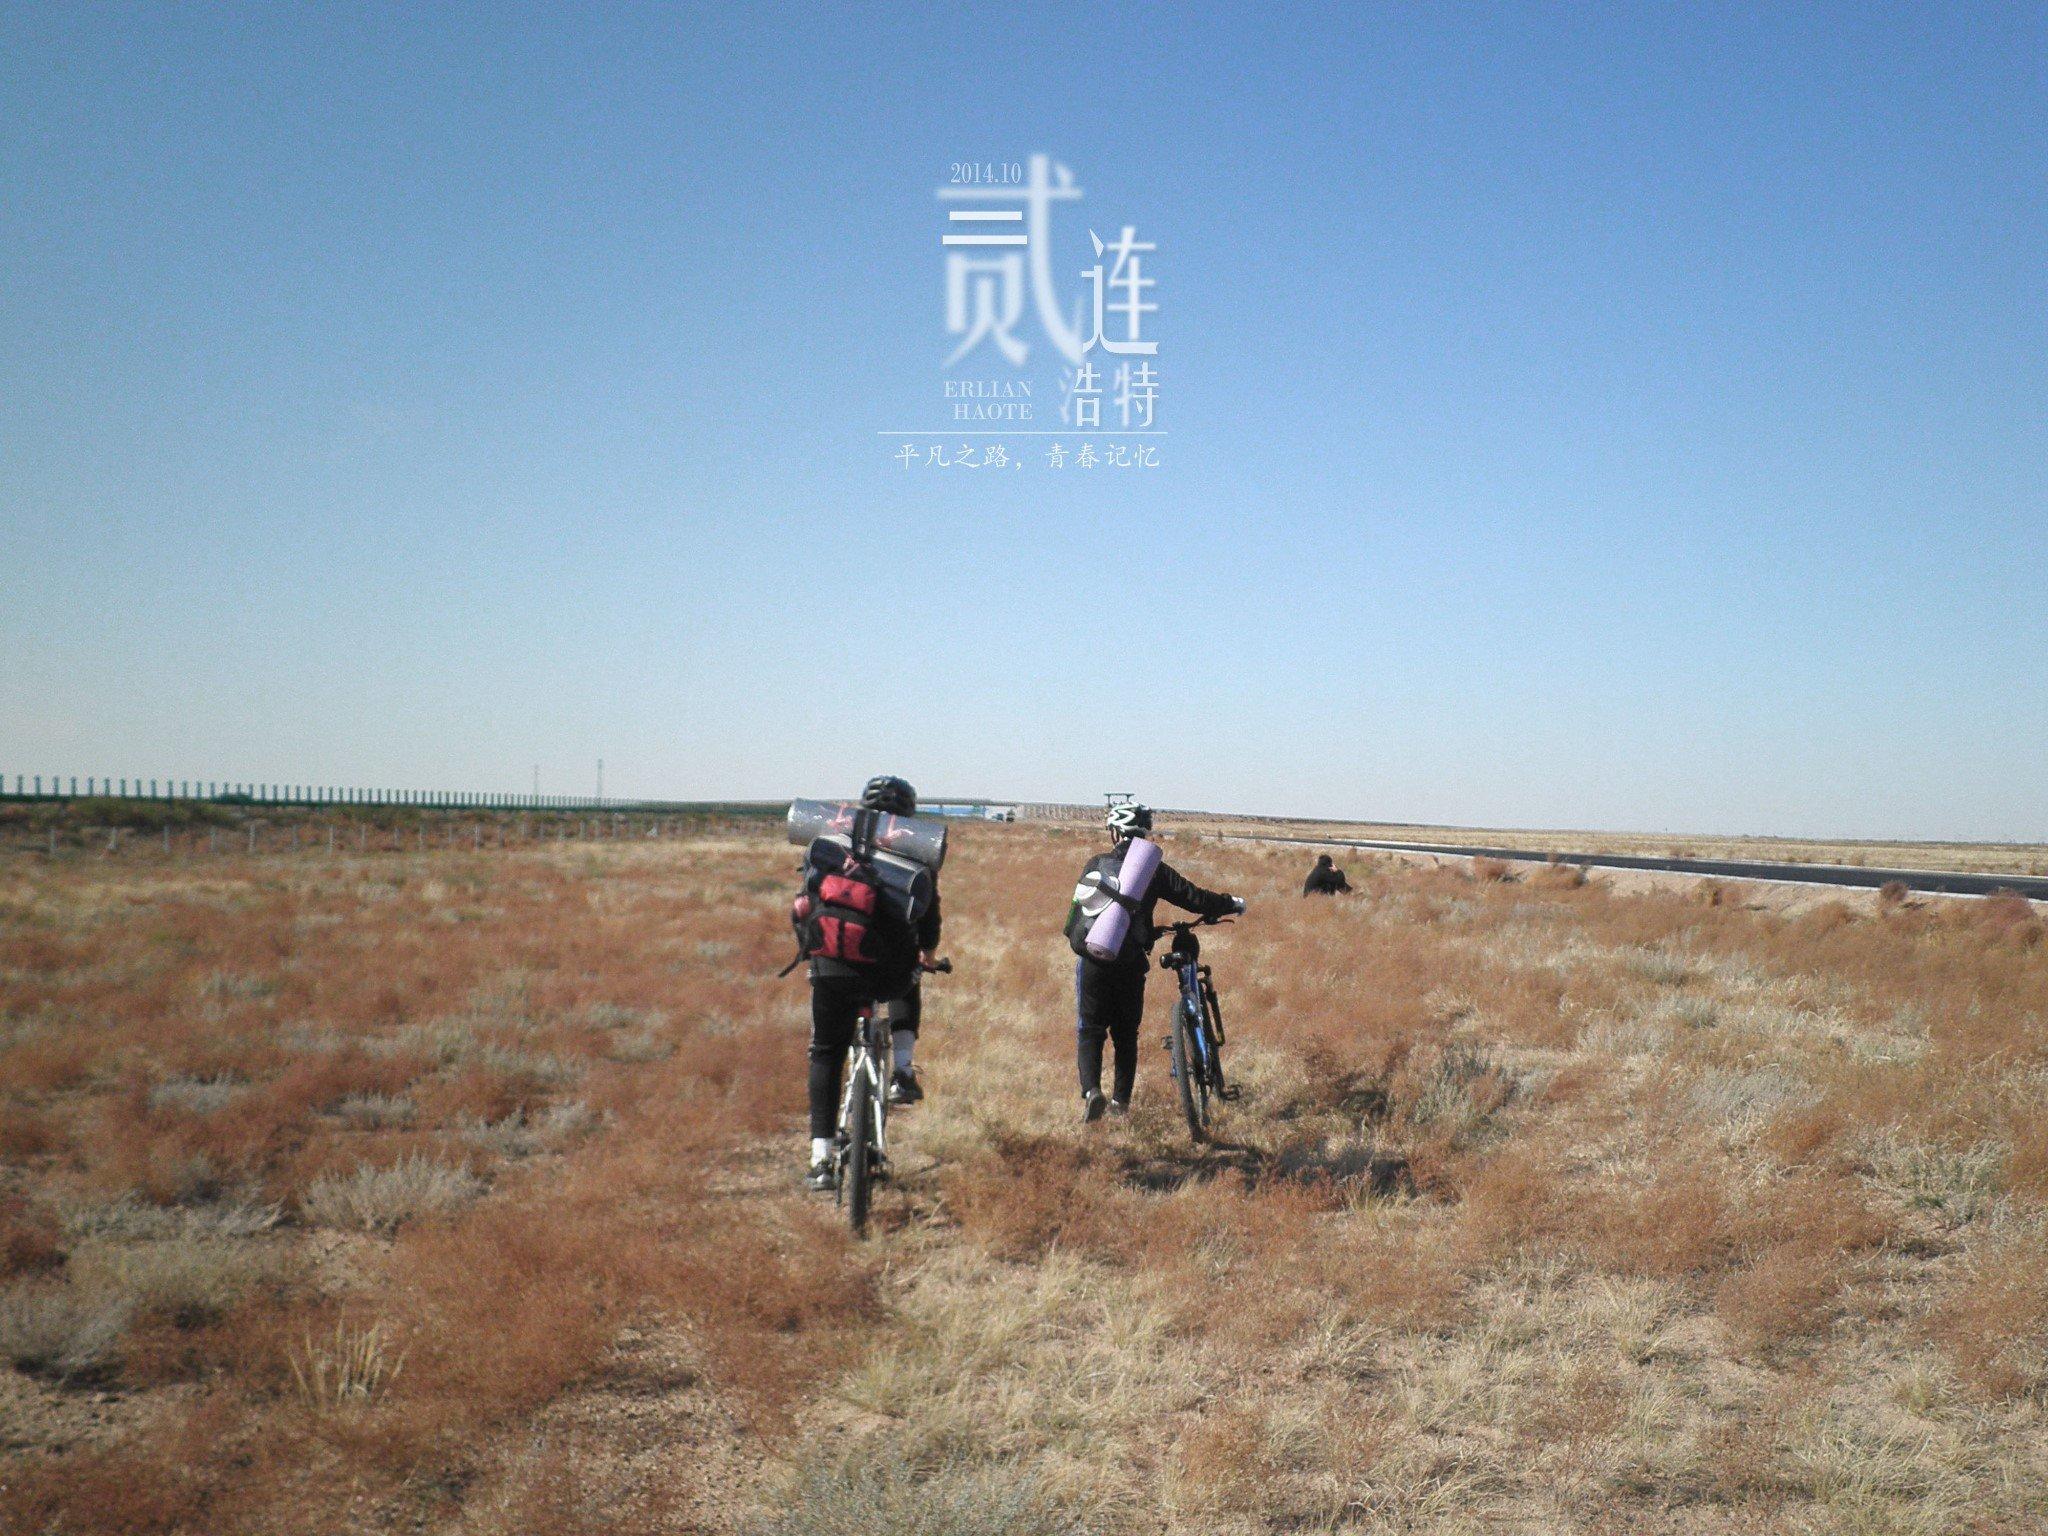 骑行二连——那是一段关于青春的记忆